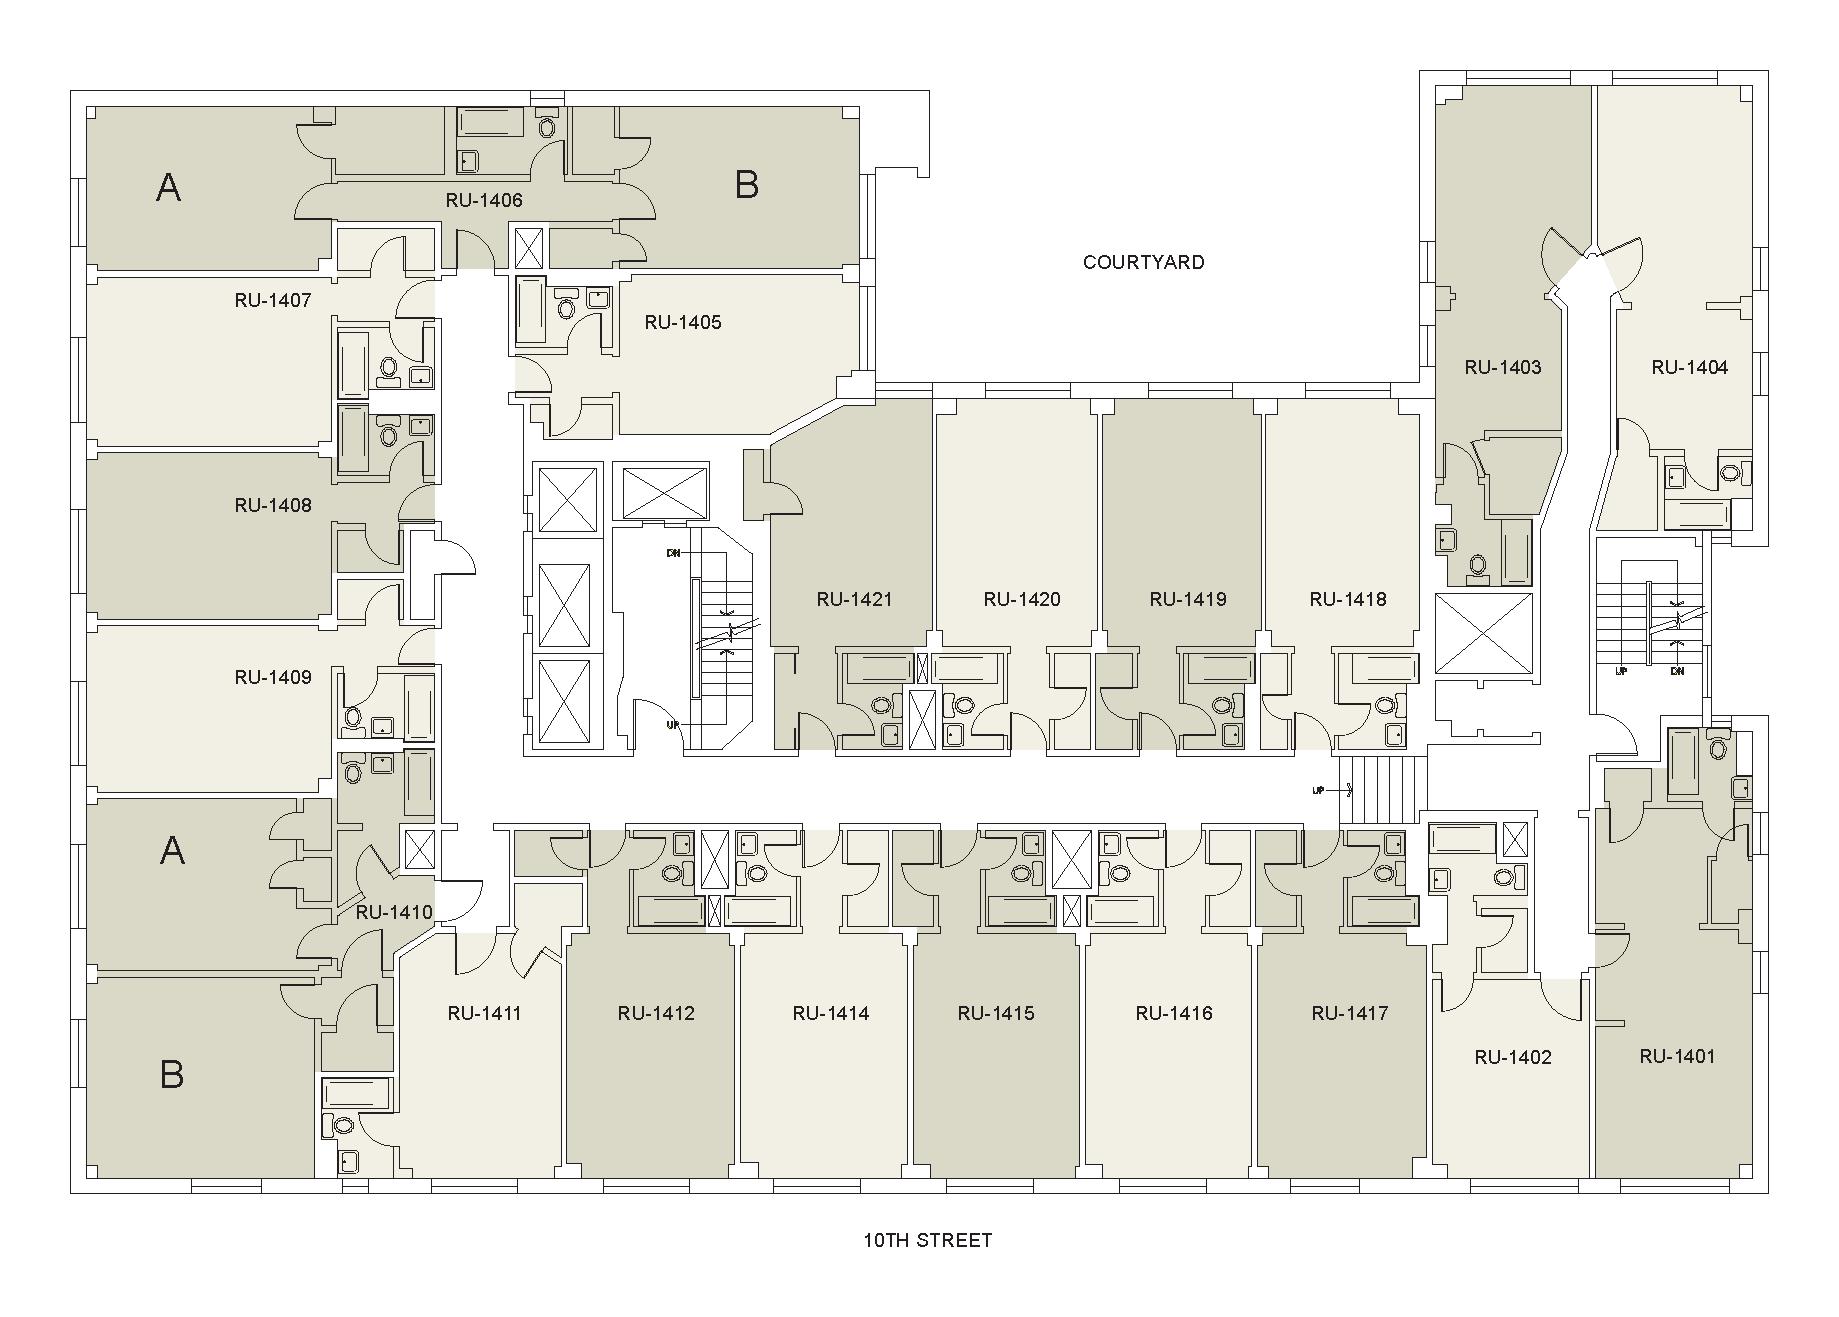 Floor plan for Rubin Floor 14